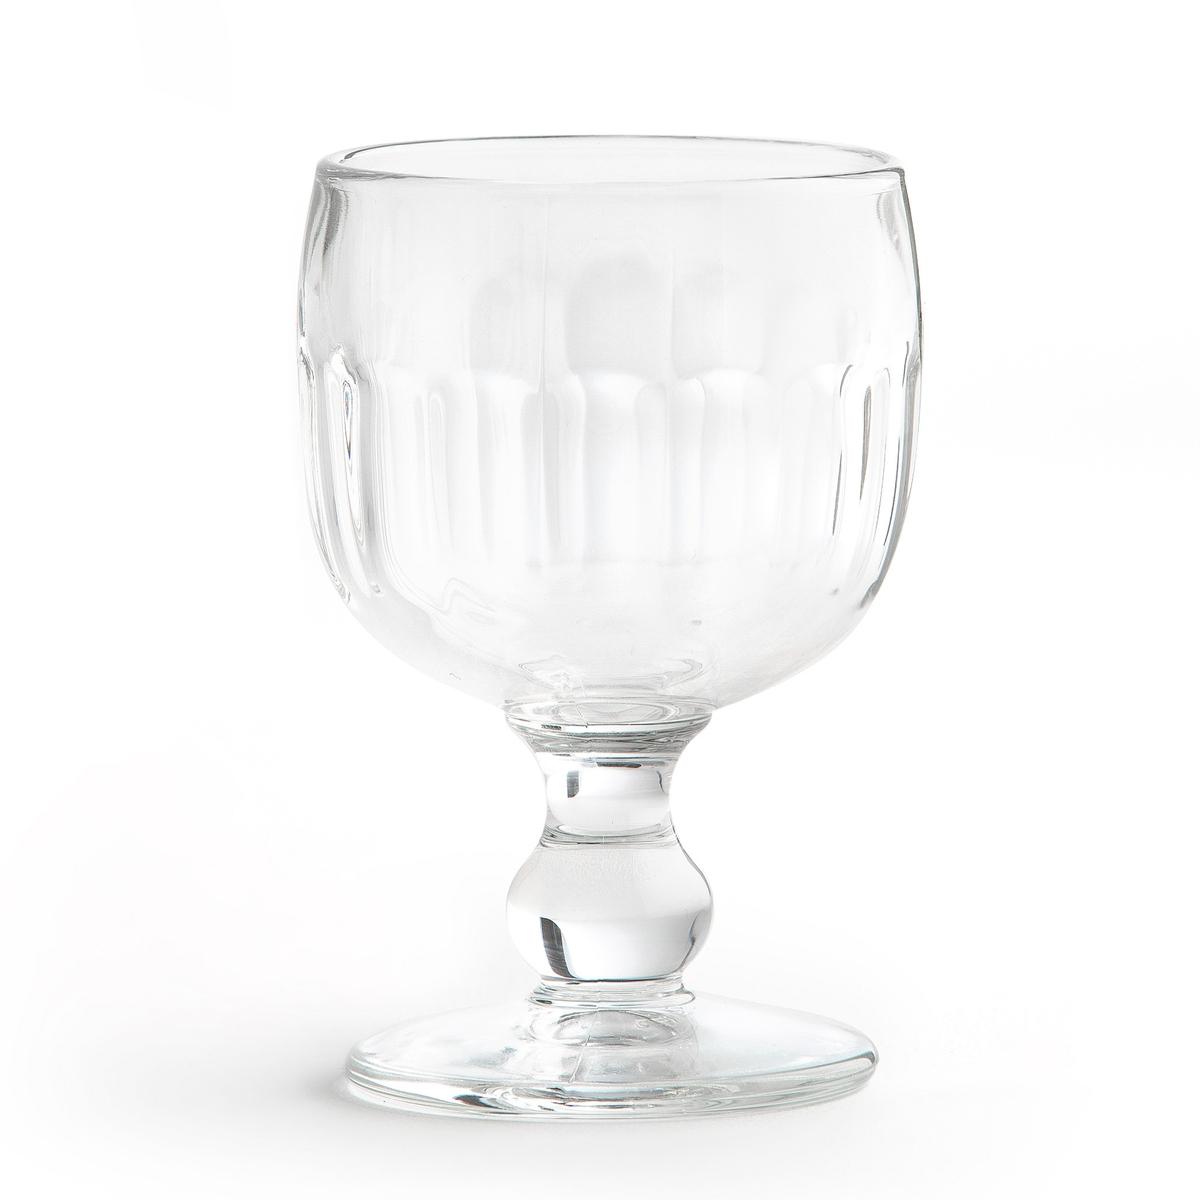 6 стаканов для воды ALCHYSE6 стаканов для воды Alchyse . Из прозрачного стекла . Подходят для использования в посудомоечной машине. Размеры : ?8,5 x H13,7 см . Емкость 30 cl.<br><br>Цвет: прозрачный<br>Размер: единый размер